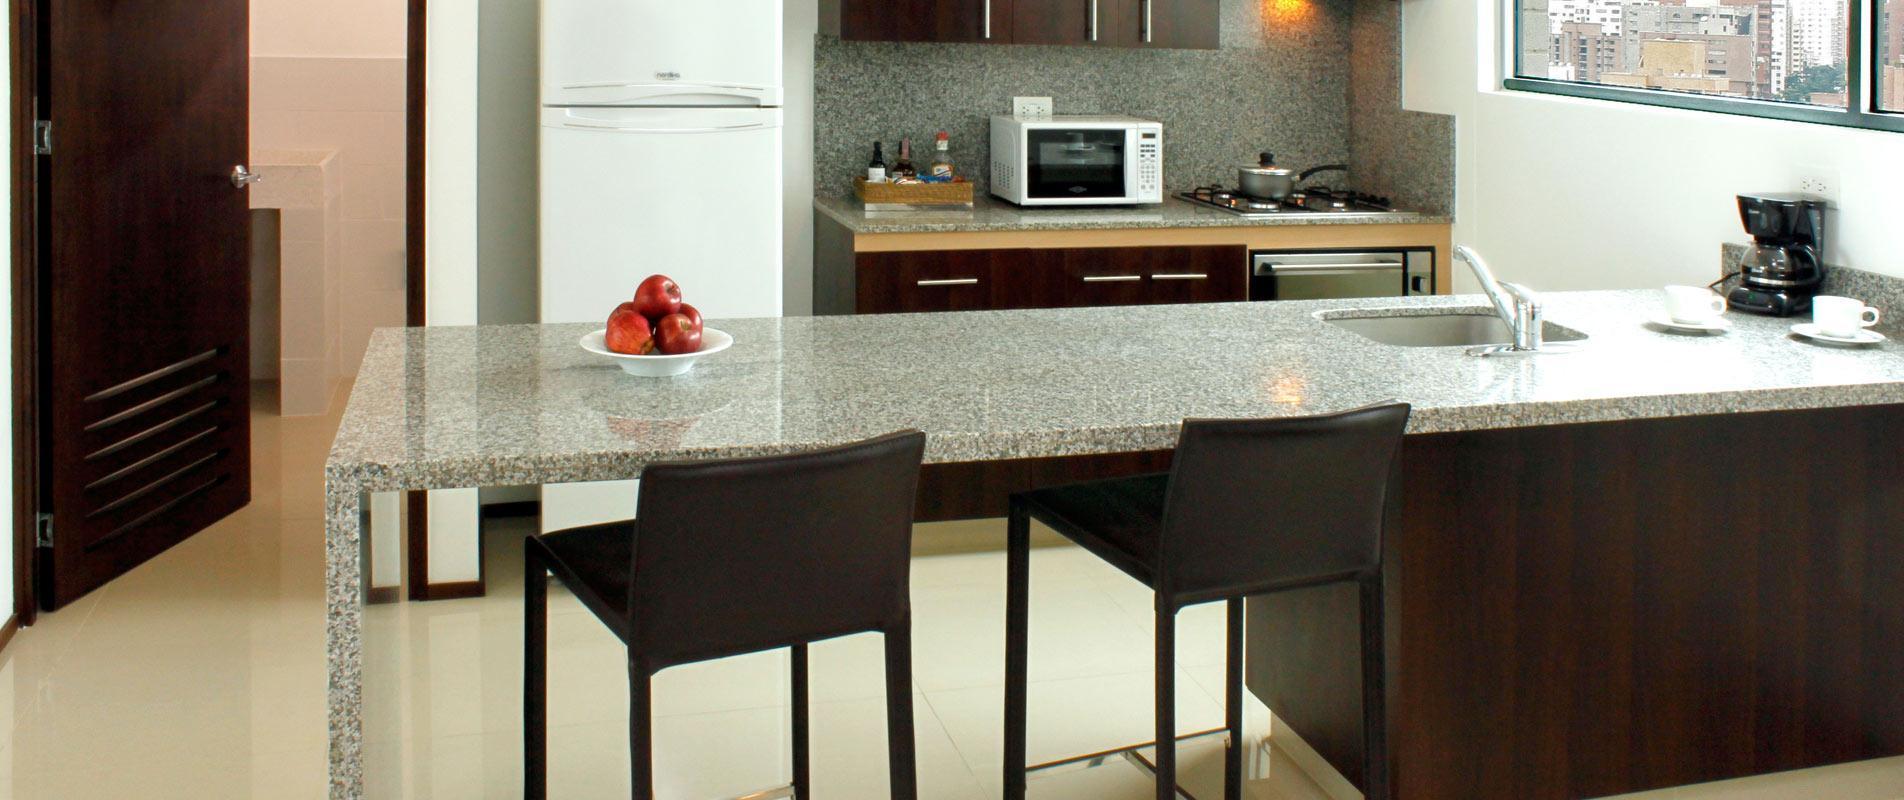 Habitaciones-Aptos-Barranquilla